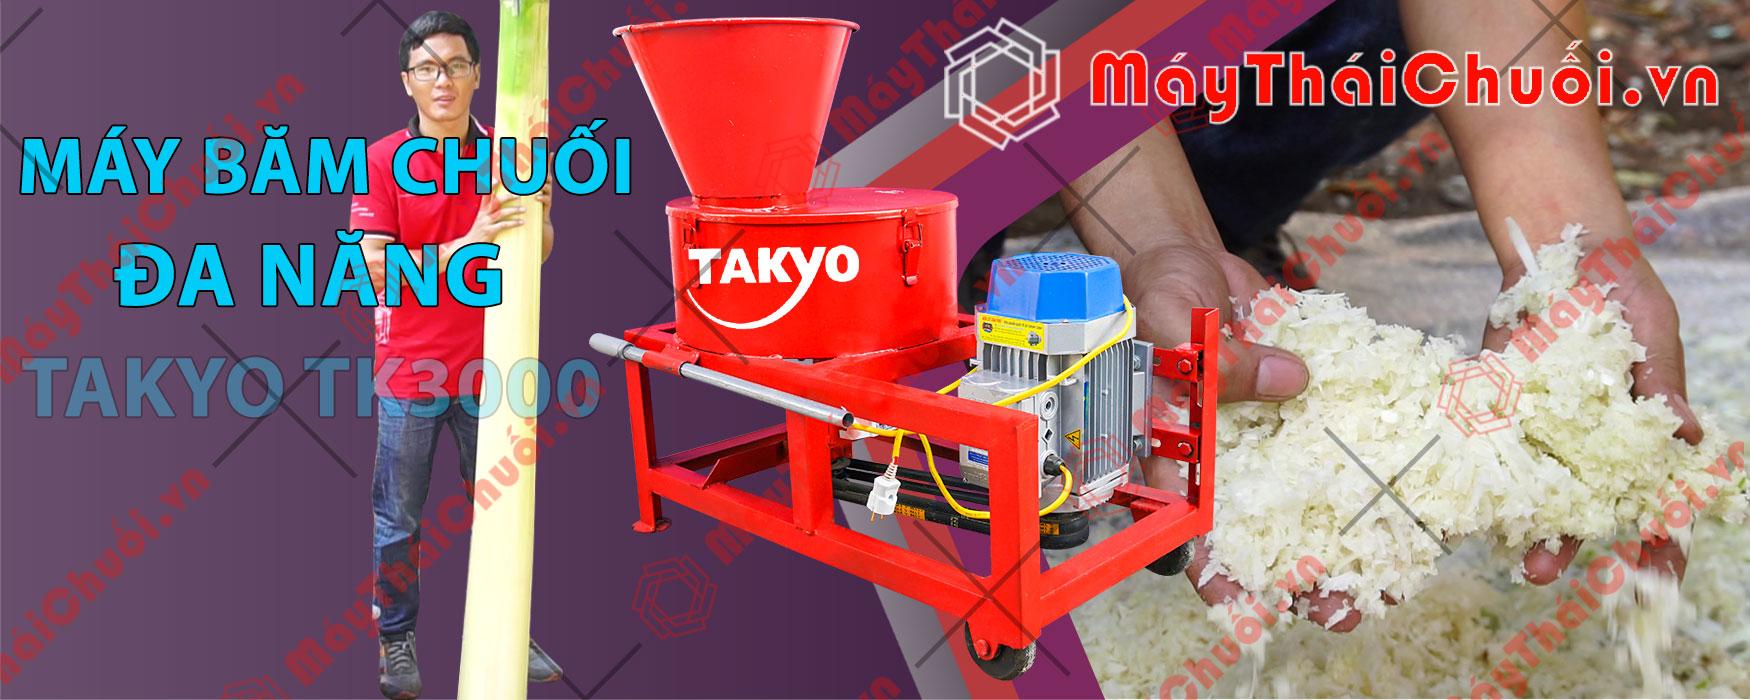 >Chăn nuôi gà vịt hiệu quả với dòng máy băm chuối đa năng Takyo TK3000